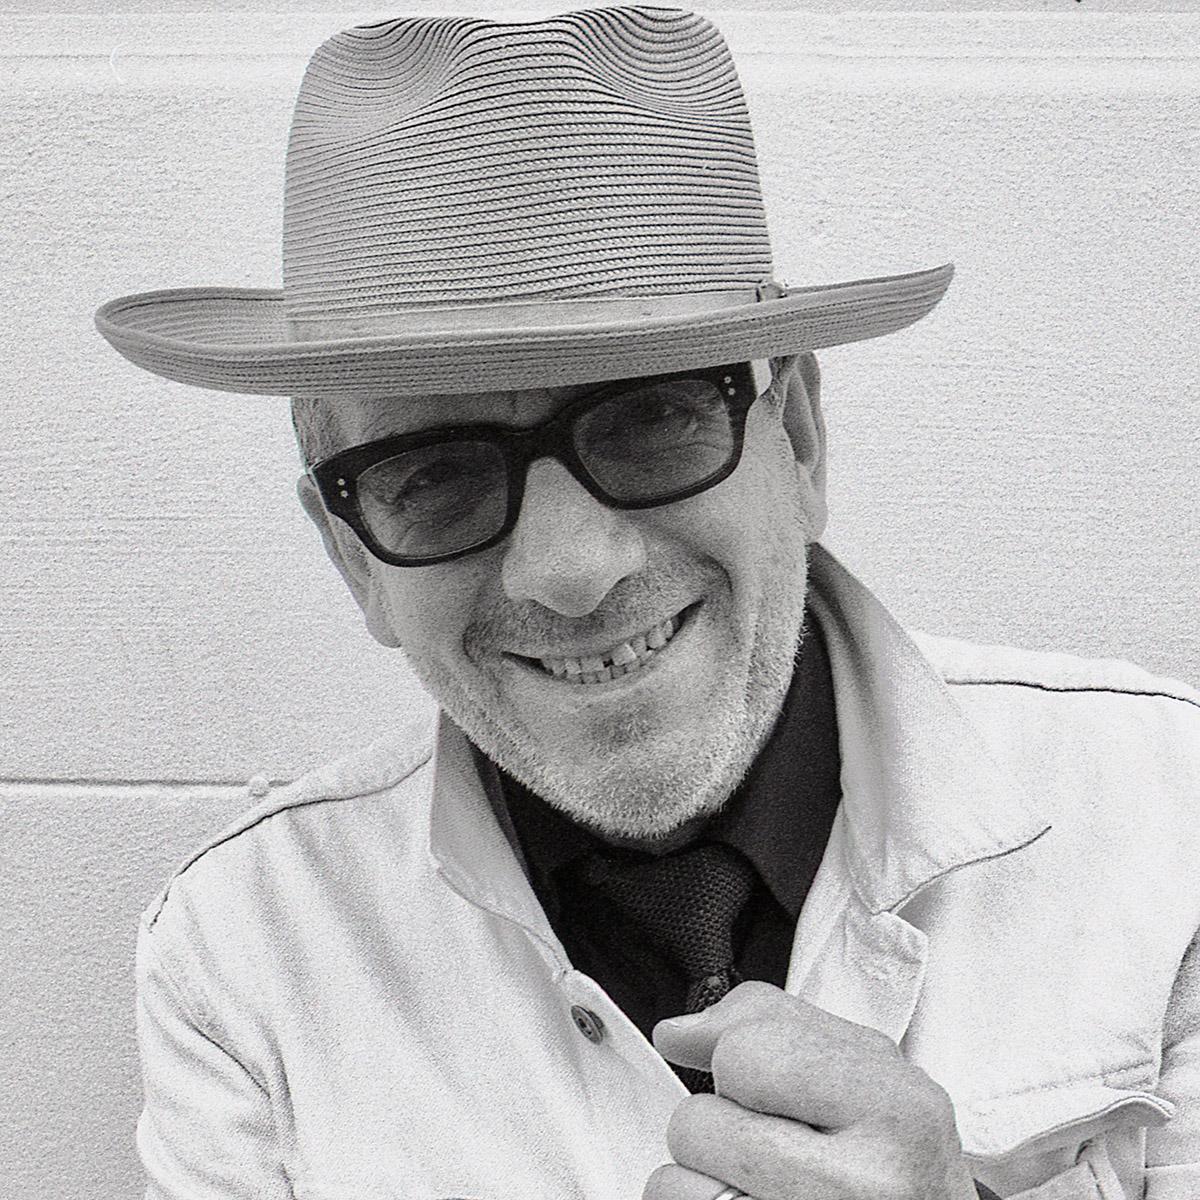 Elvis Costello - Photo by Ray di Pietro 1200px Sq